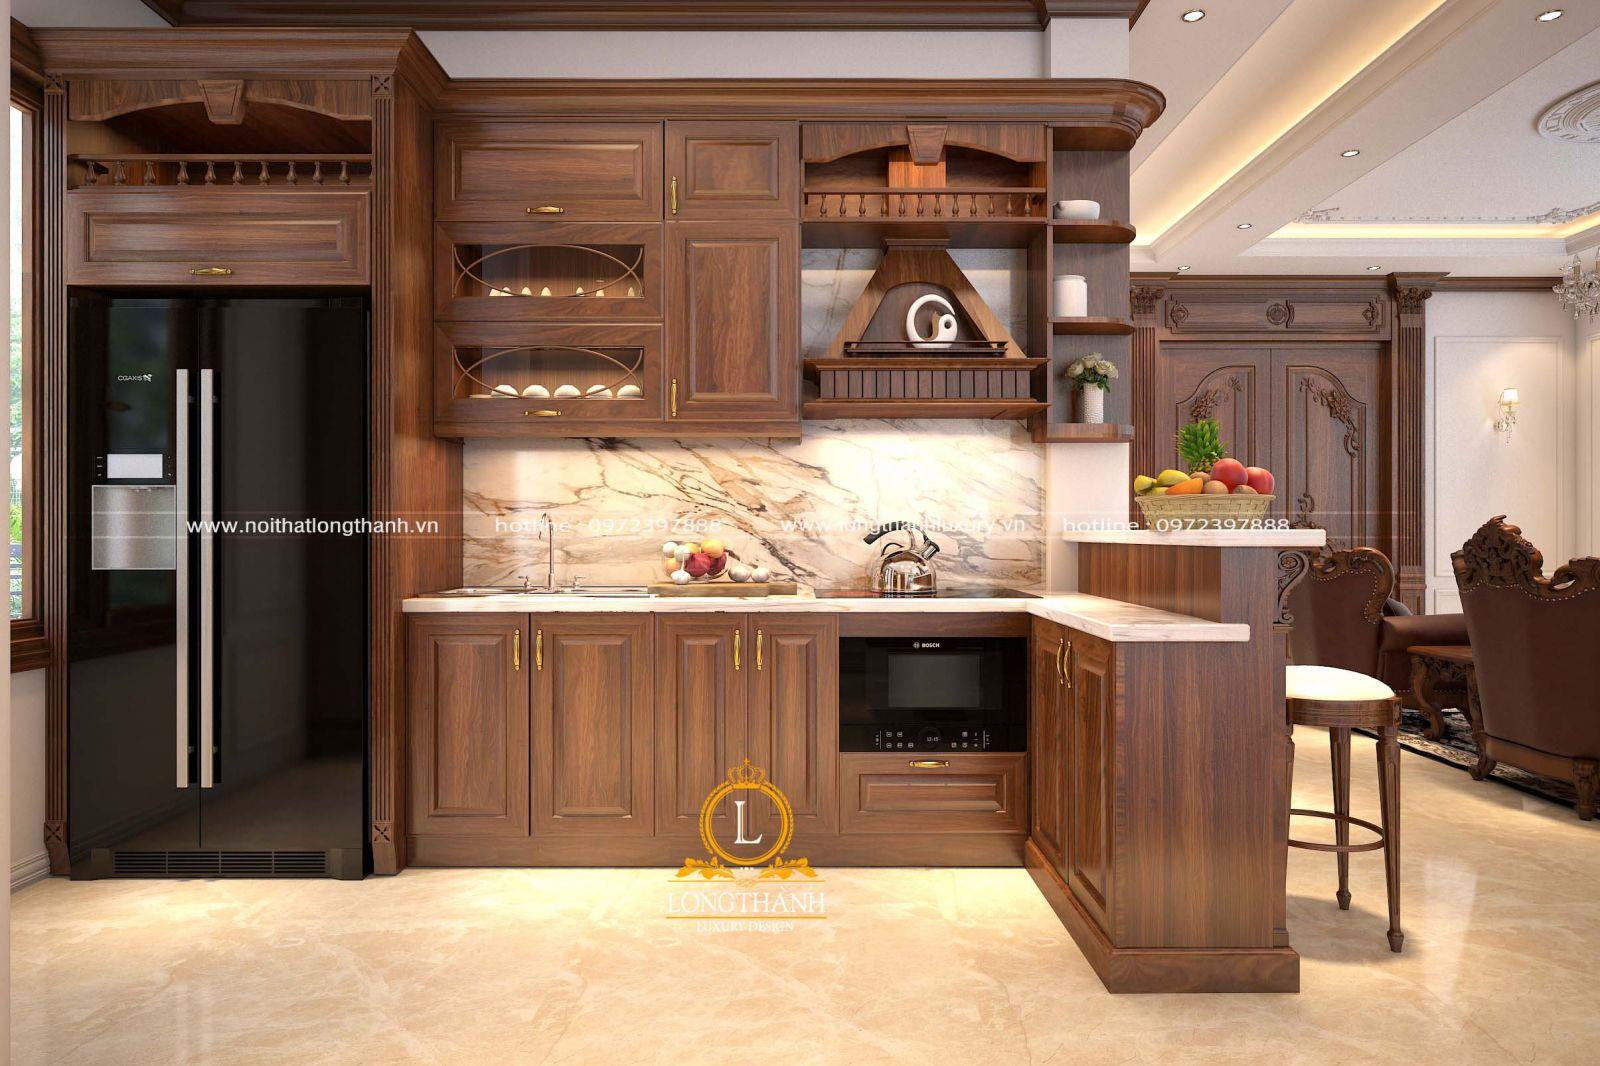 Mẫu tủ bếp đẹp với gam màu nâu ấn tượng được thiết kế kết hợp cùng quầy bar